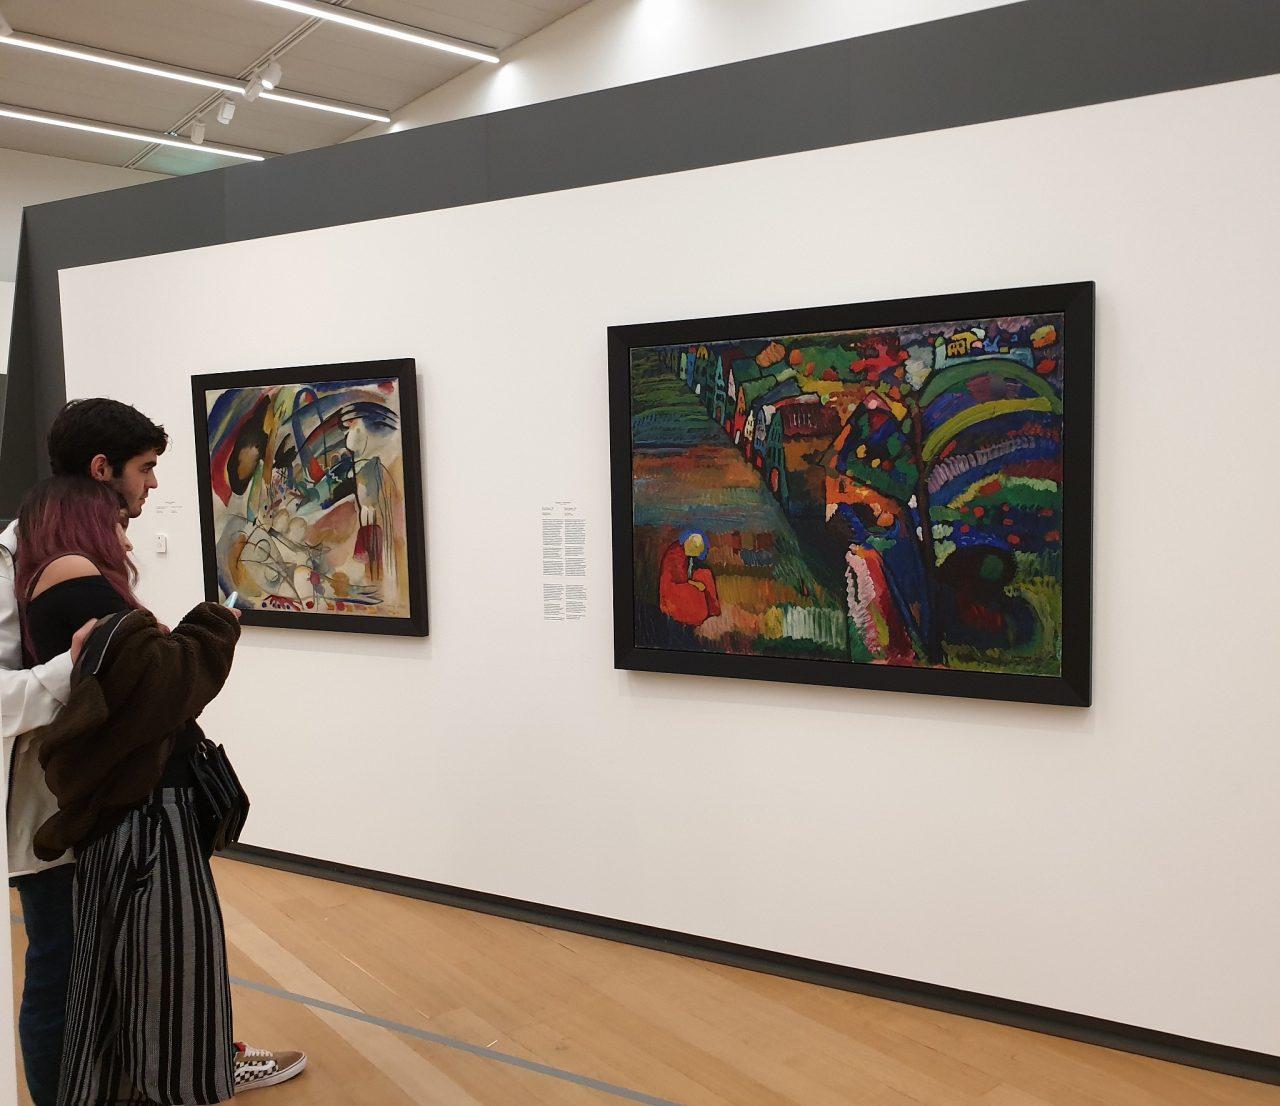 una paerja observa cuadro en la pared de un museo